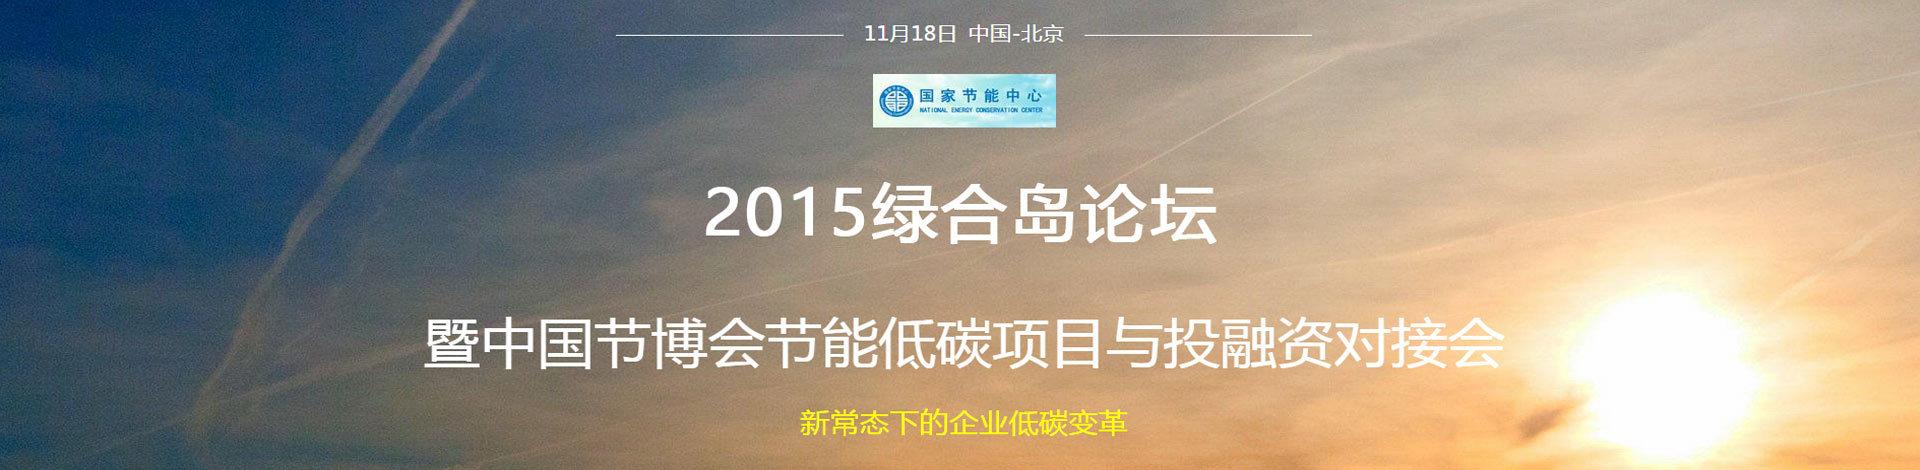 绿合岛论坛暨2015中国节博会节能低碳项目与投融资对接会